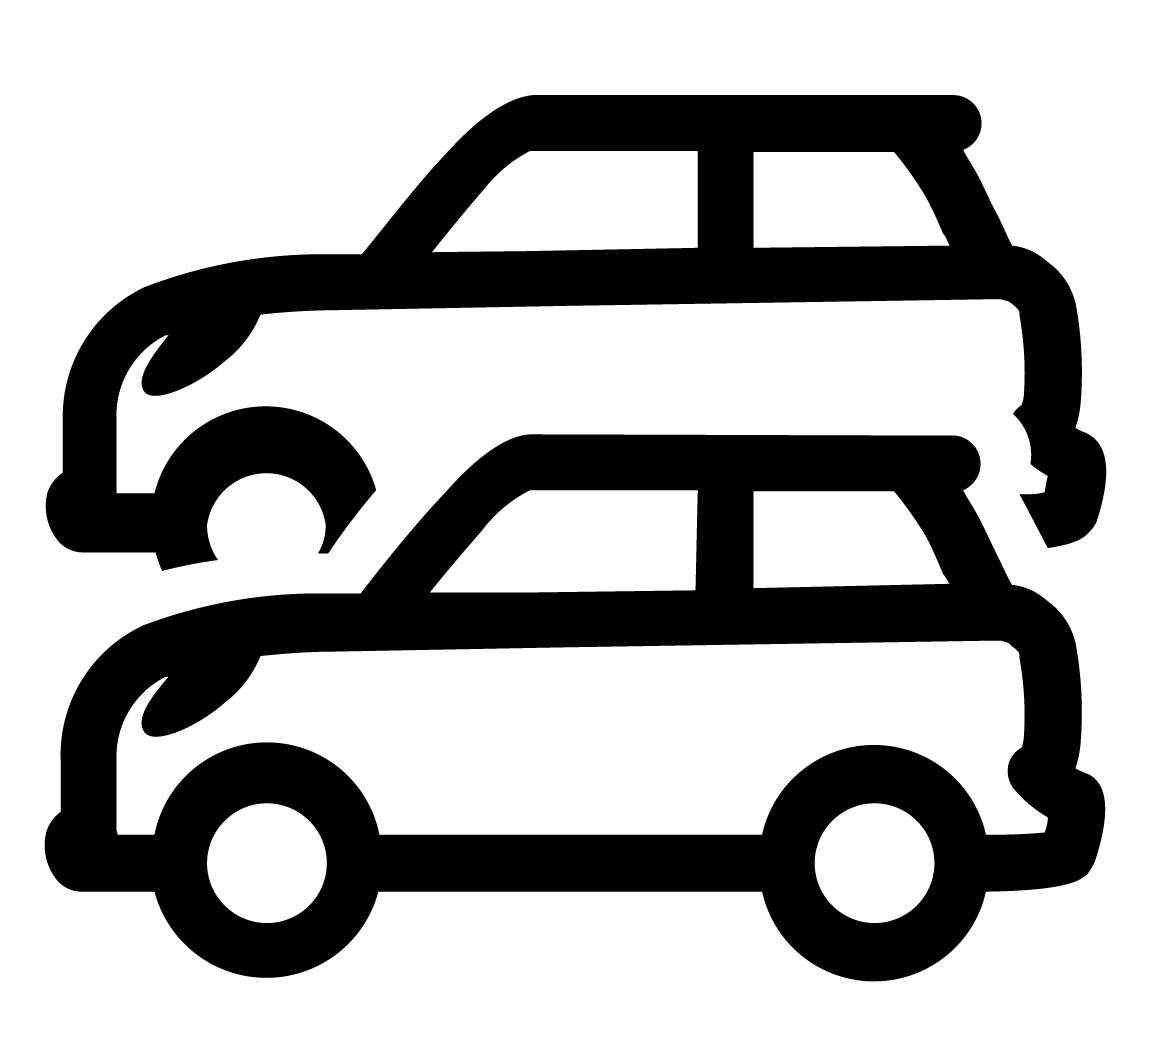 Fahrzeuge schnell verfügbar, Sie fahren innerhalb weniger Tage.